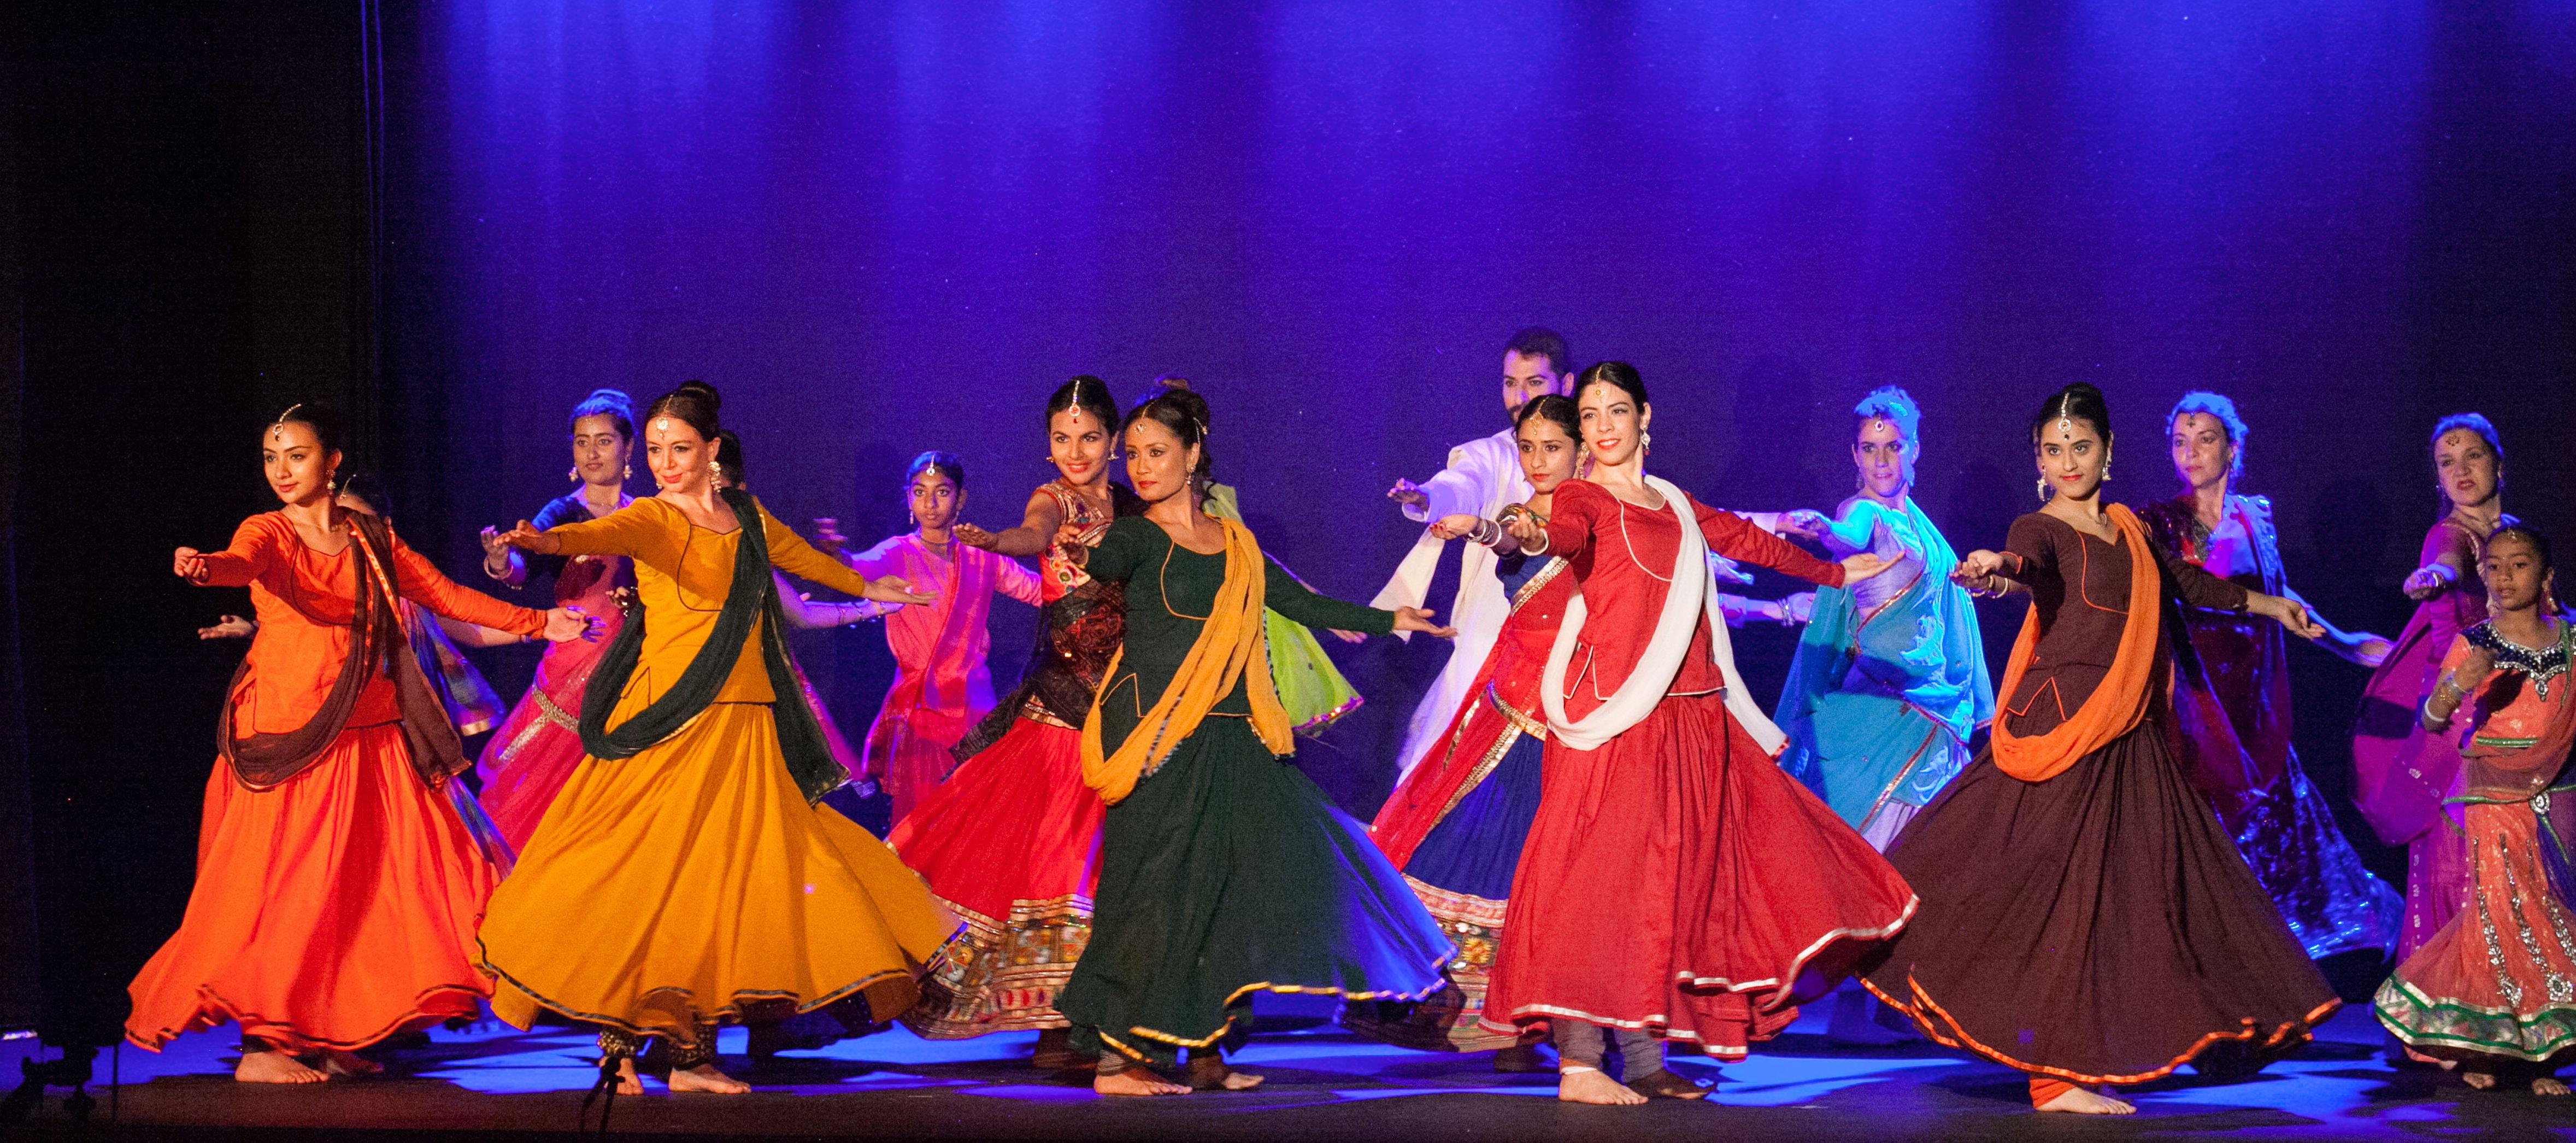 Centro de danza clásica india en Barcelona